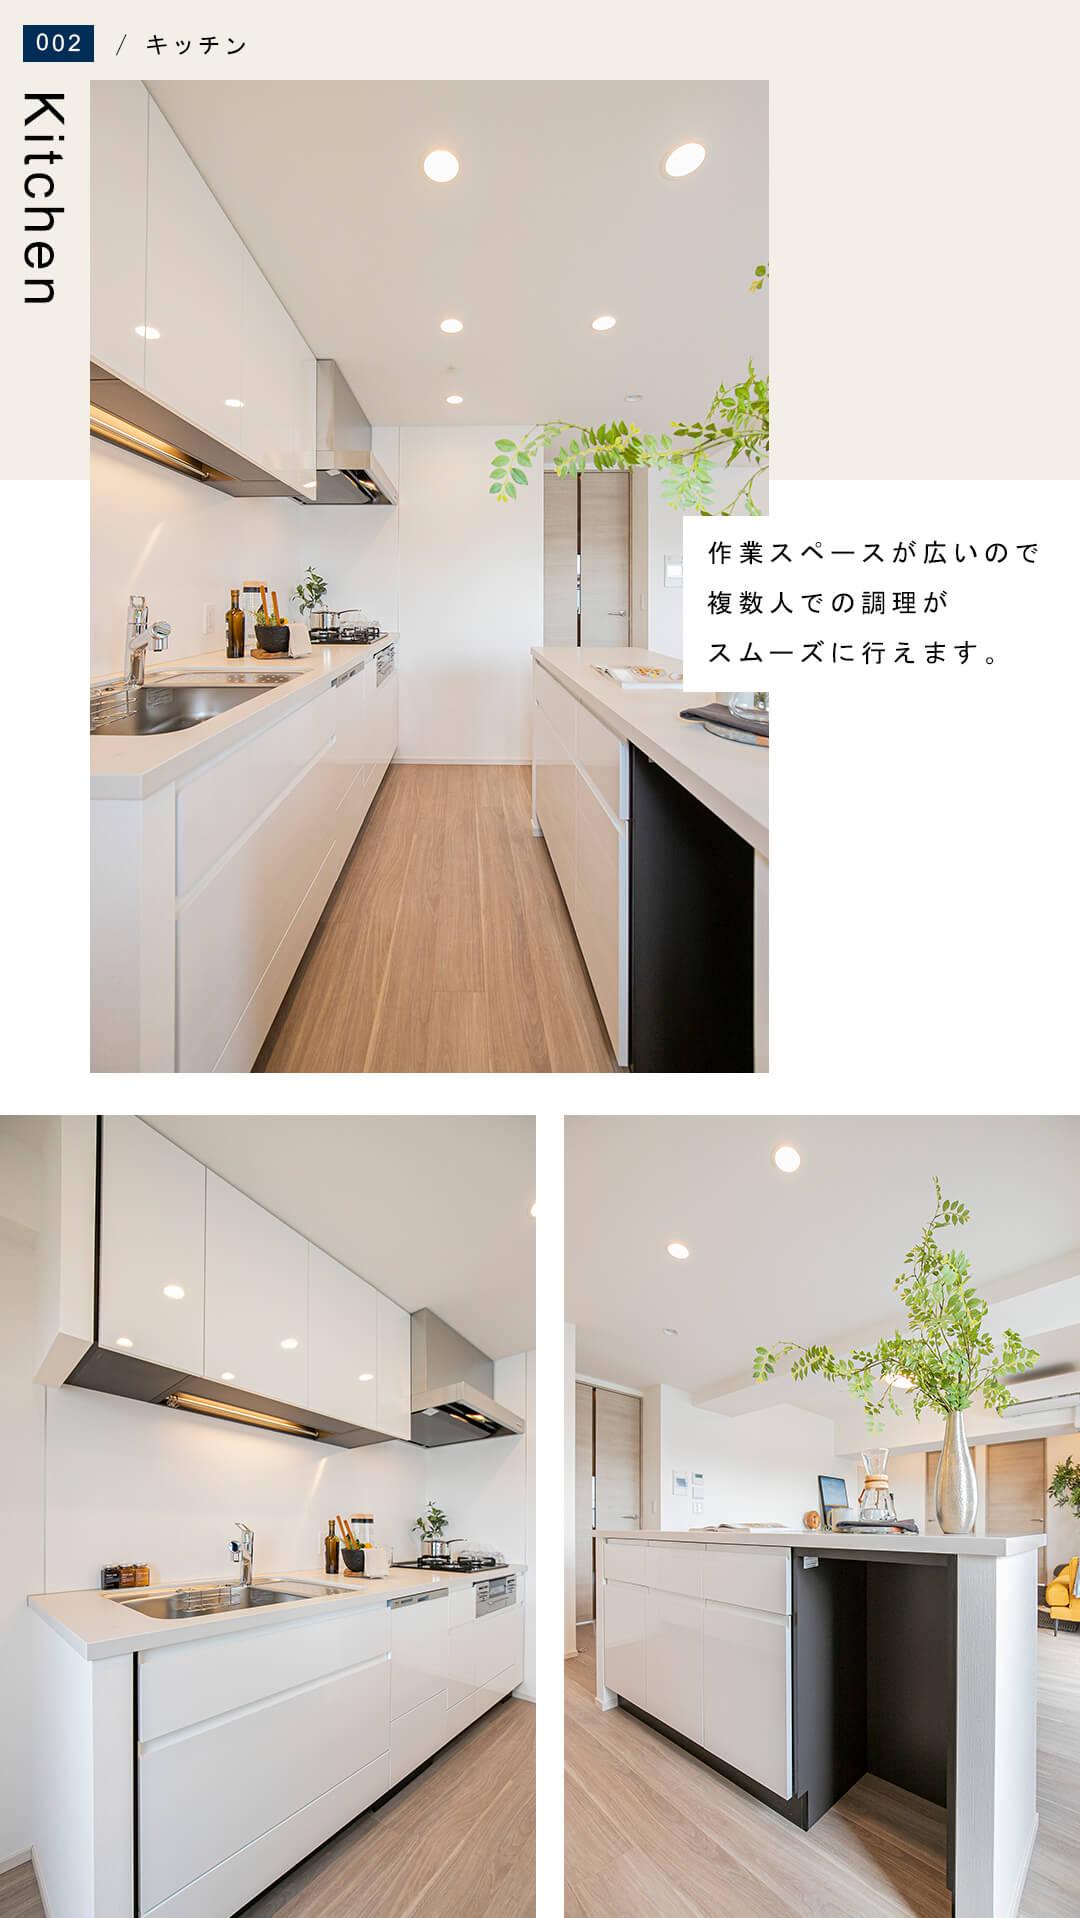 ピアース阿佐ヶ谷のキッチン